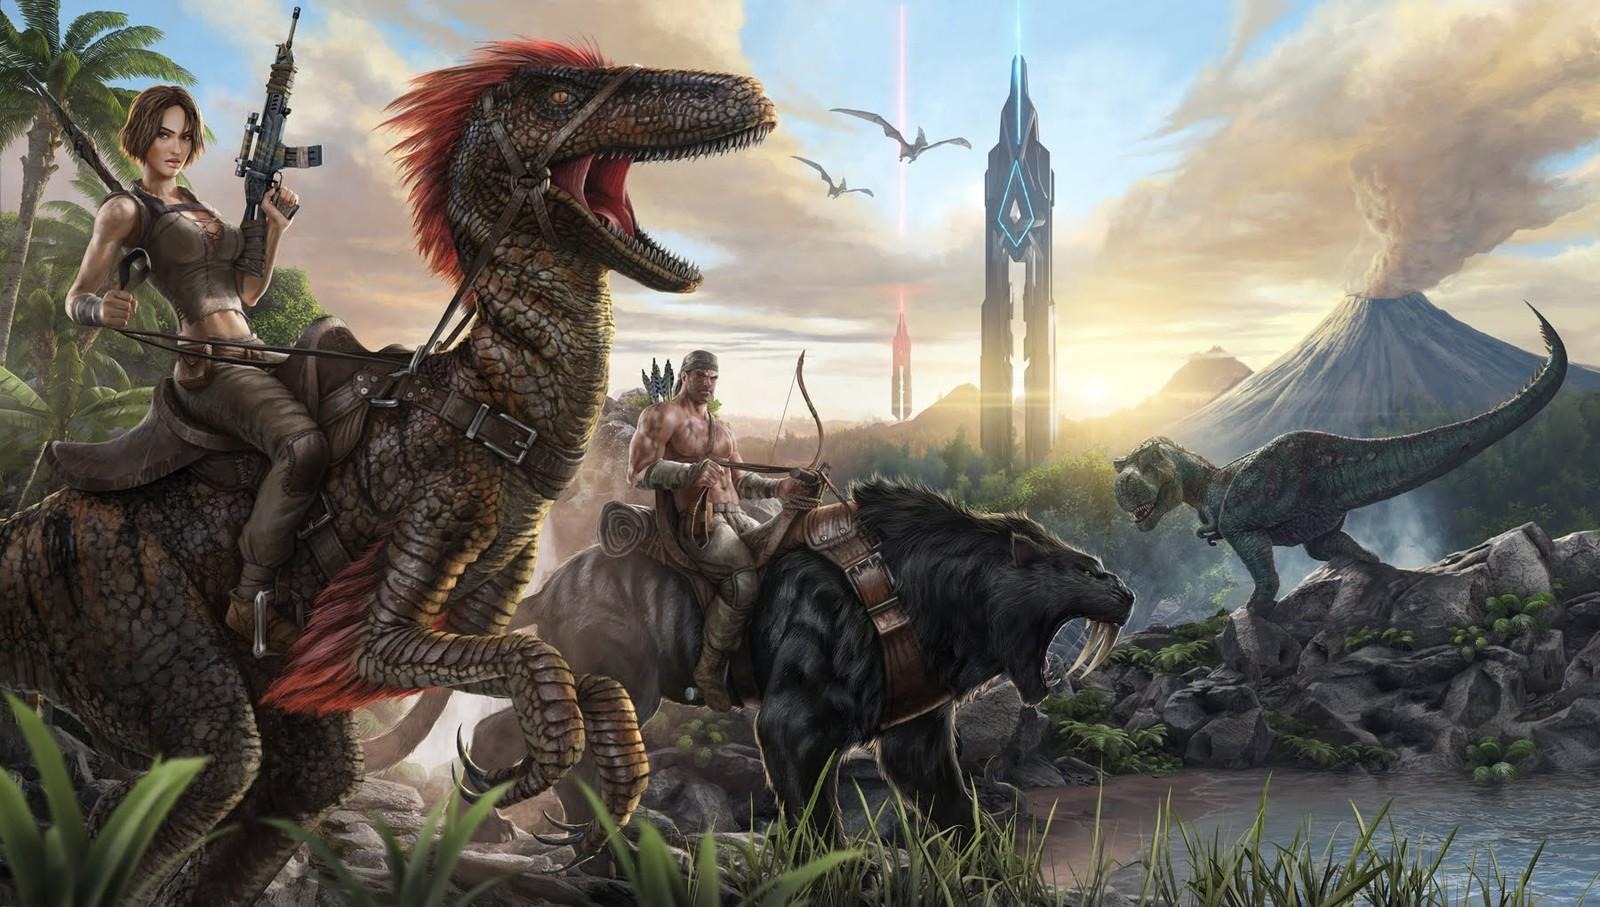 [Game] 恐竜サバイバル ARK : Survival Evolved レビュー